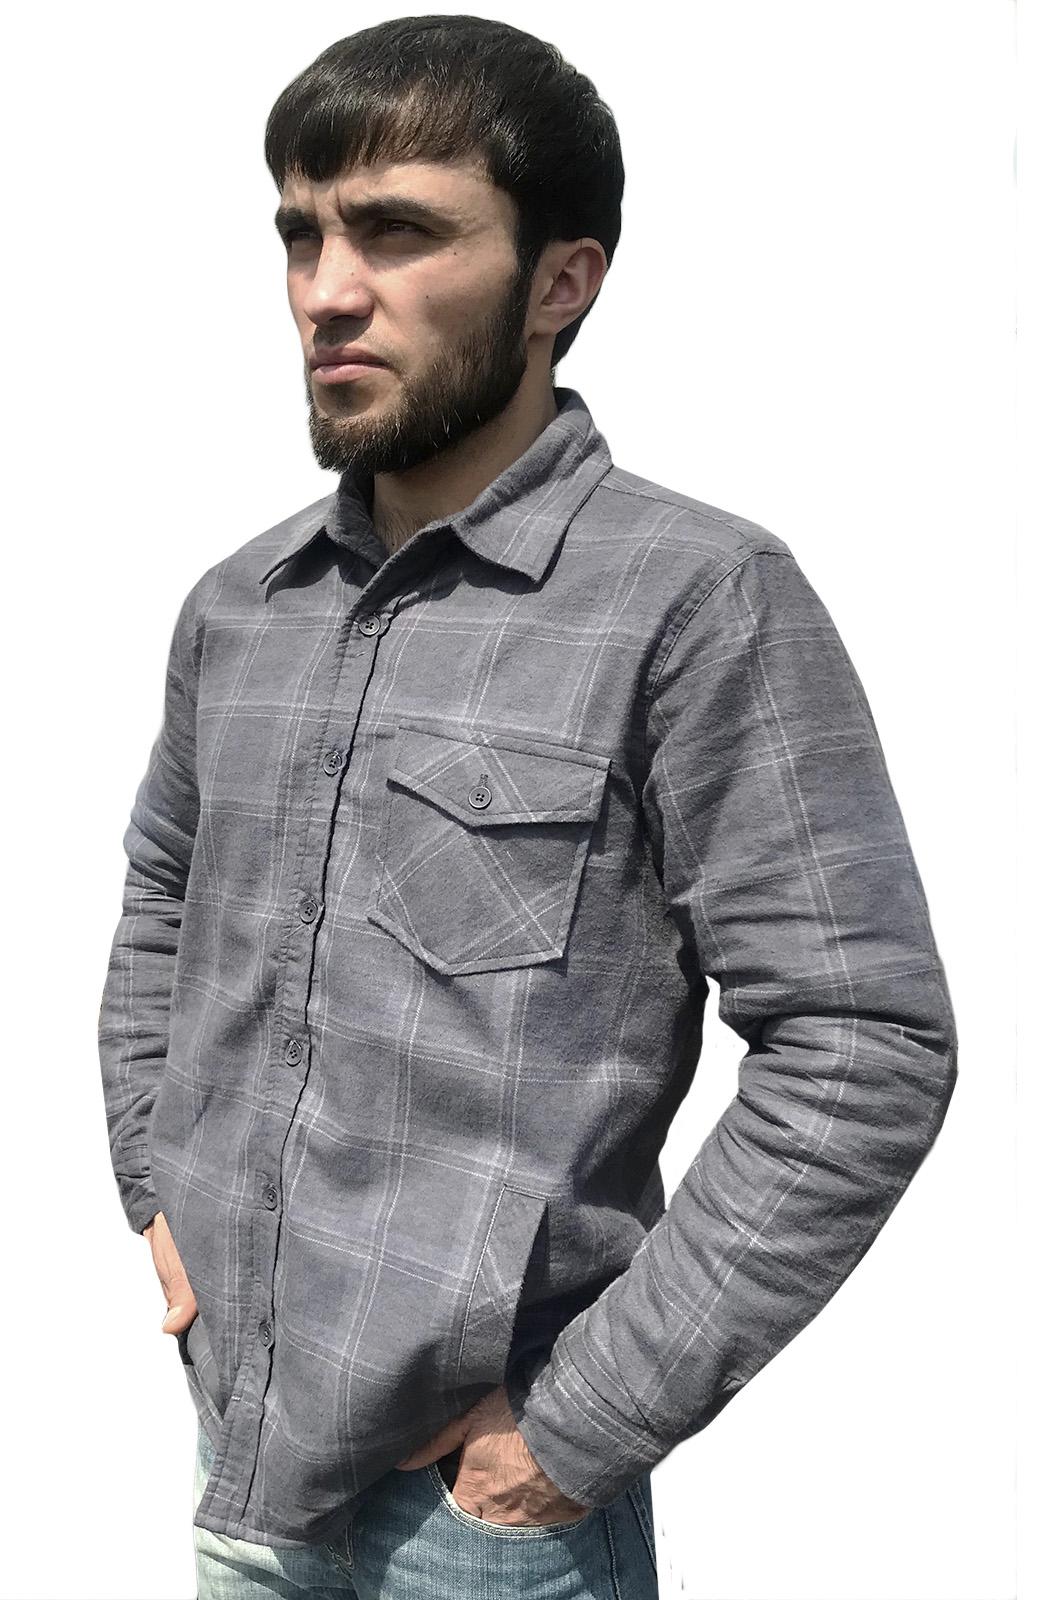 Надежная рубашка с вышитым казачьим шевроном Елень - заказать выгодно